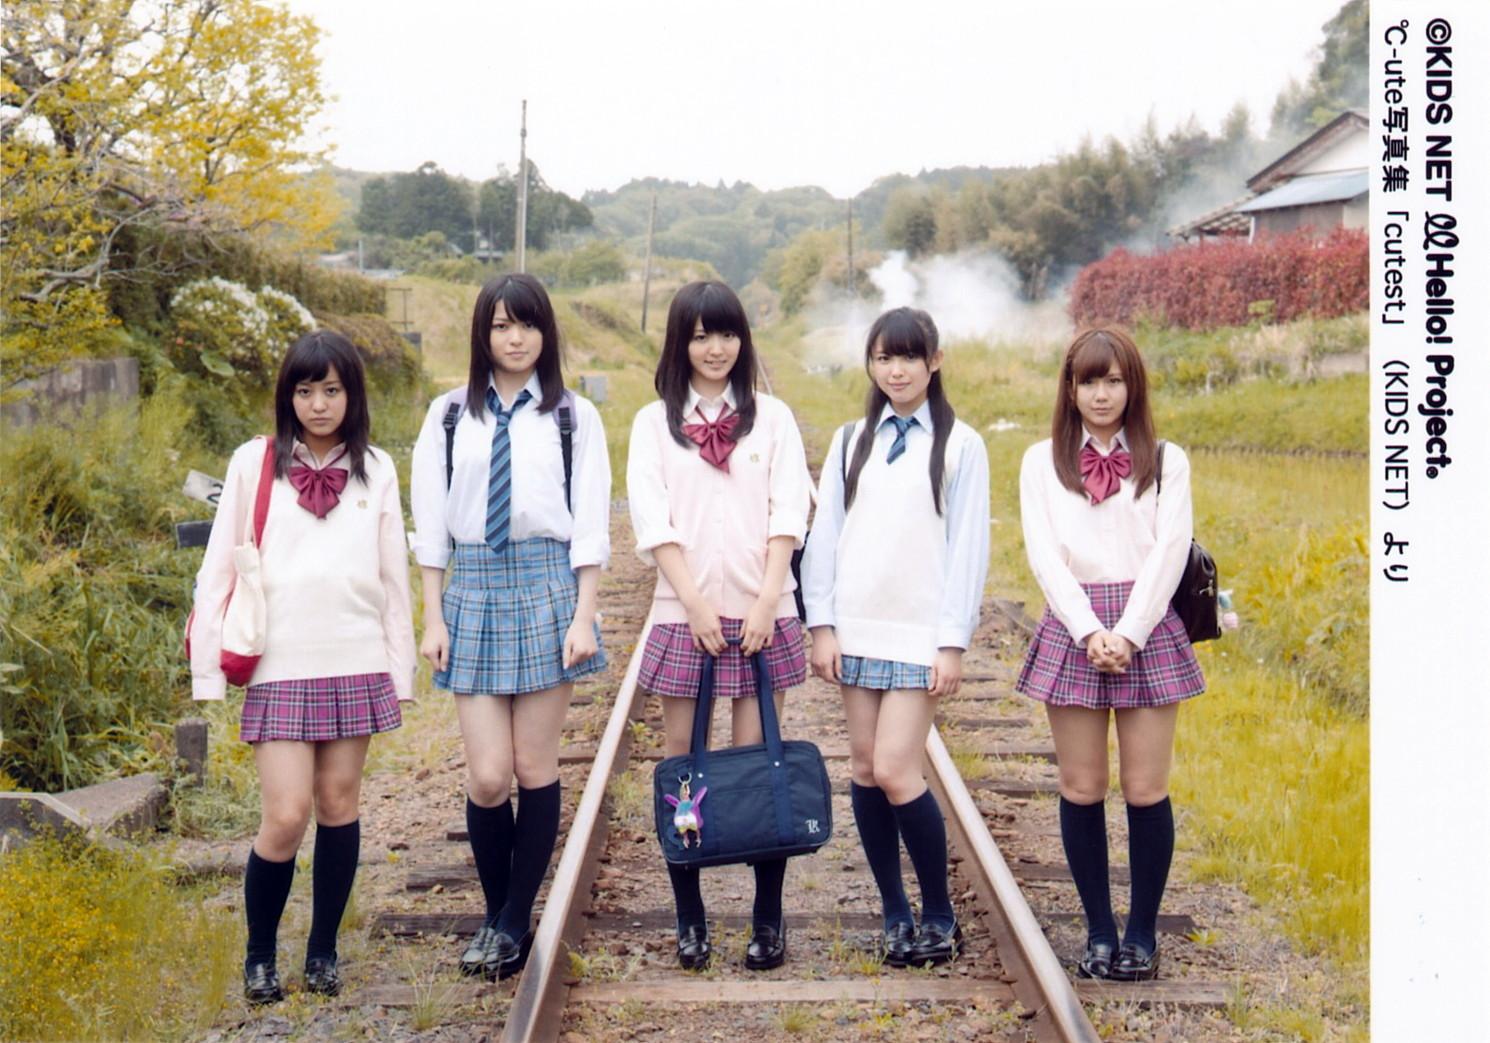 2017秋 ℃-ute  制服コレクション 青系のCHECKのスカート 矢島舞美 赤系のCHECKのスカート ディーゼル車車内 (3)